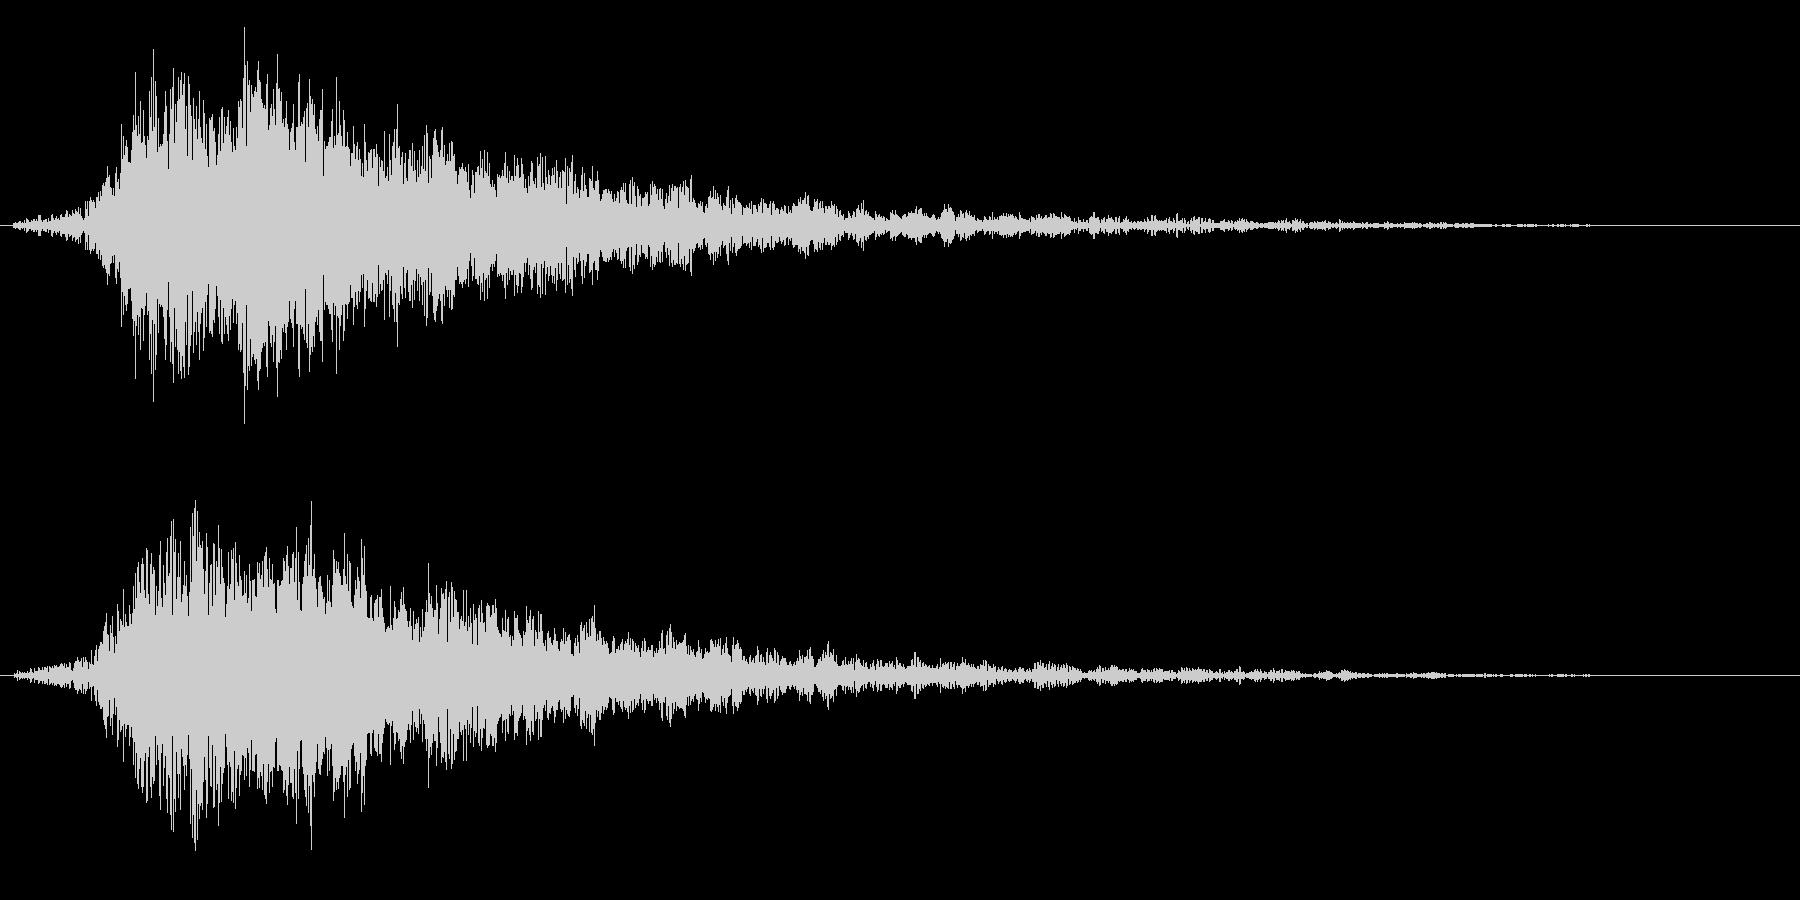 キラキラ(テロップ/魔法/輝きなど) 5の未再生の波形